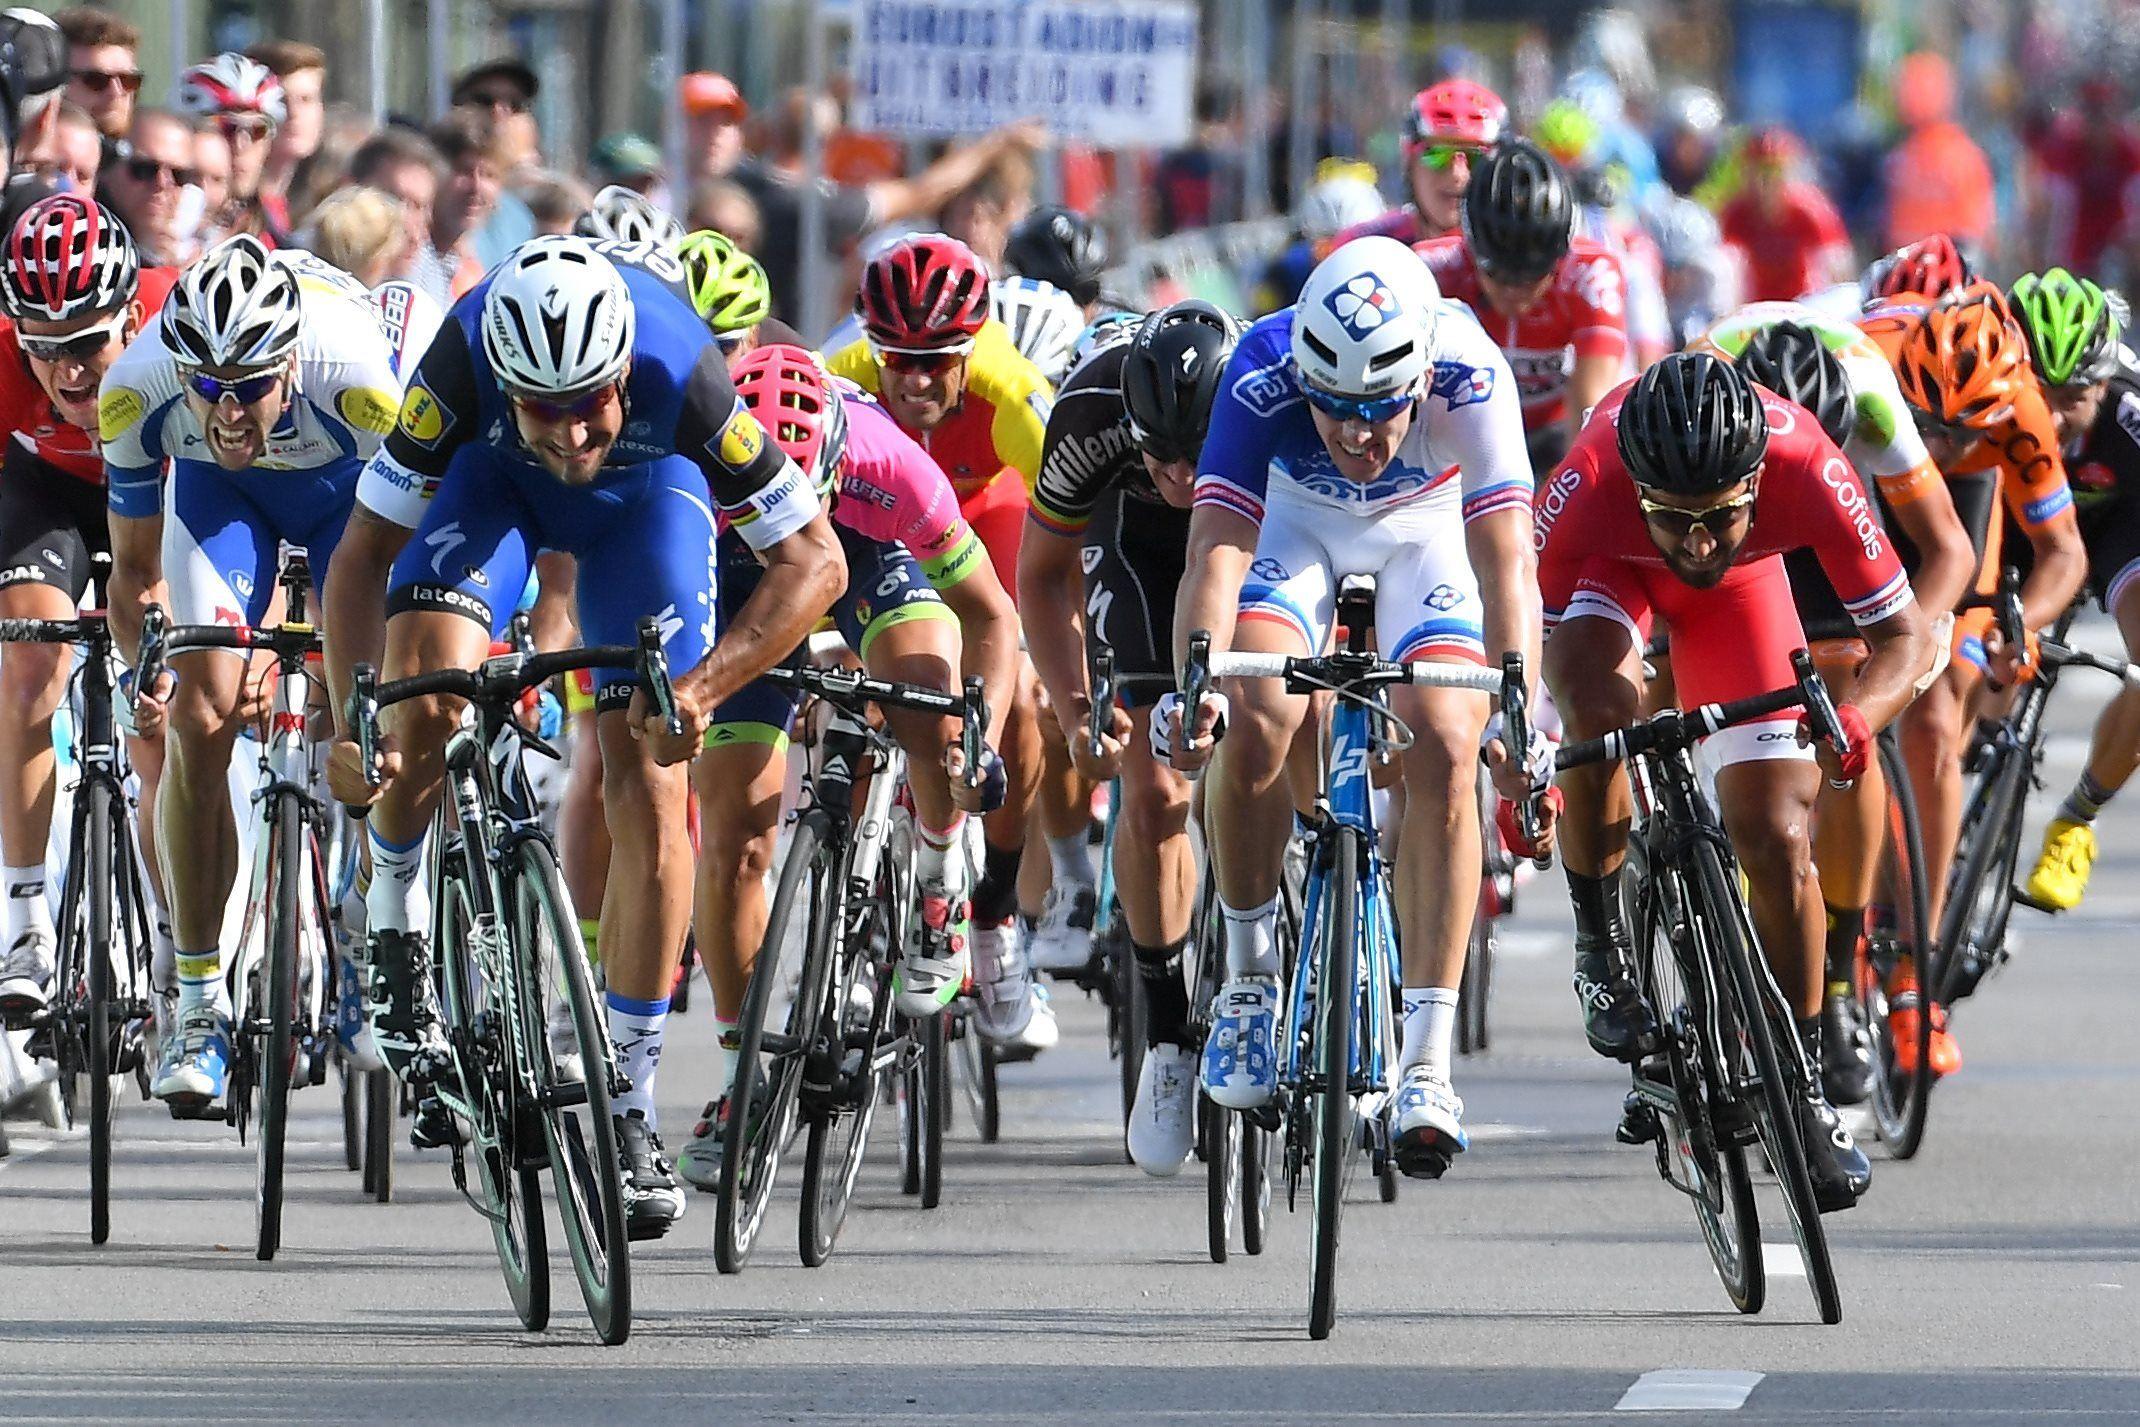 Cyclisme - Paris-Tours, répétition royale pour les flèches du sprint avant Doha